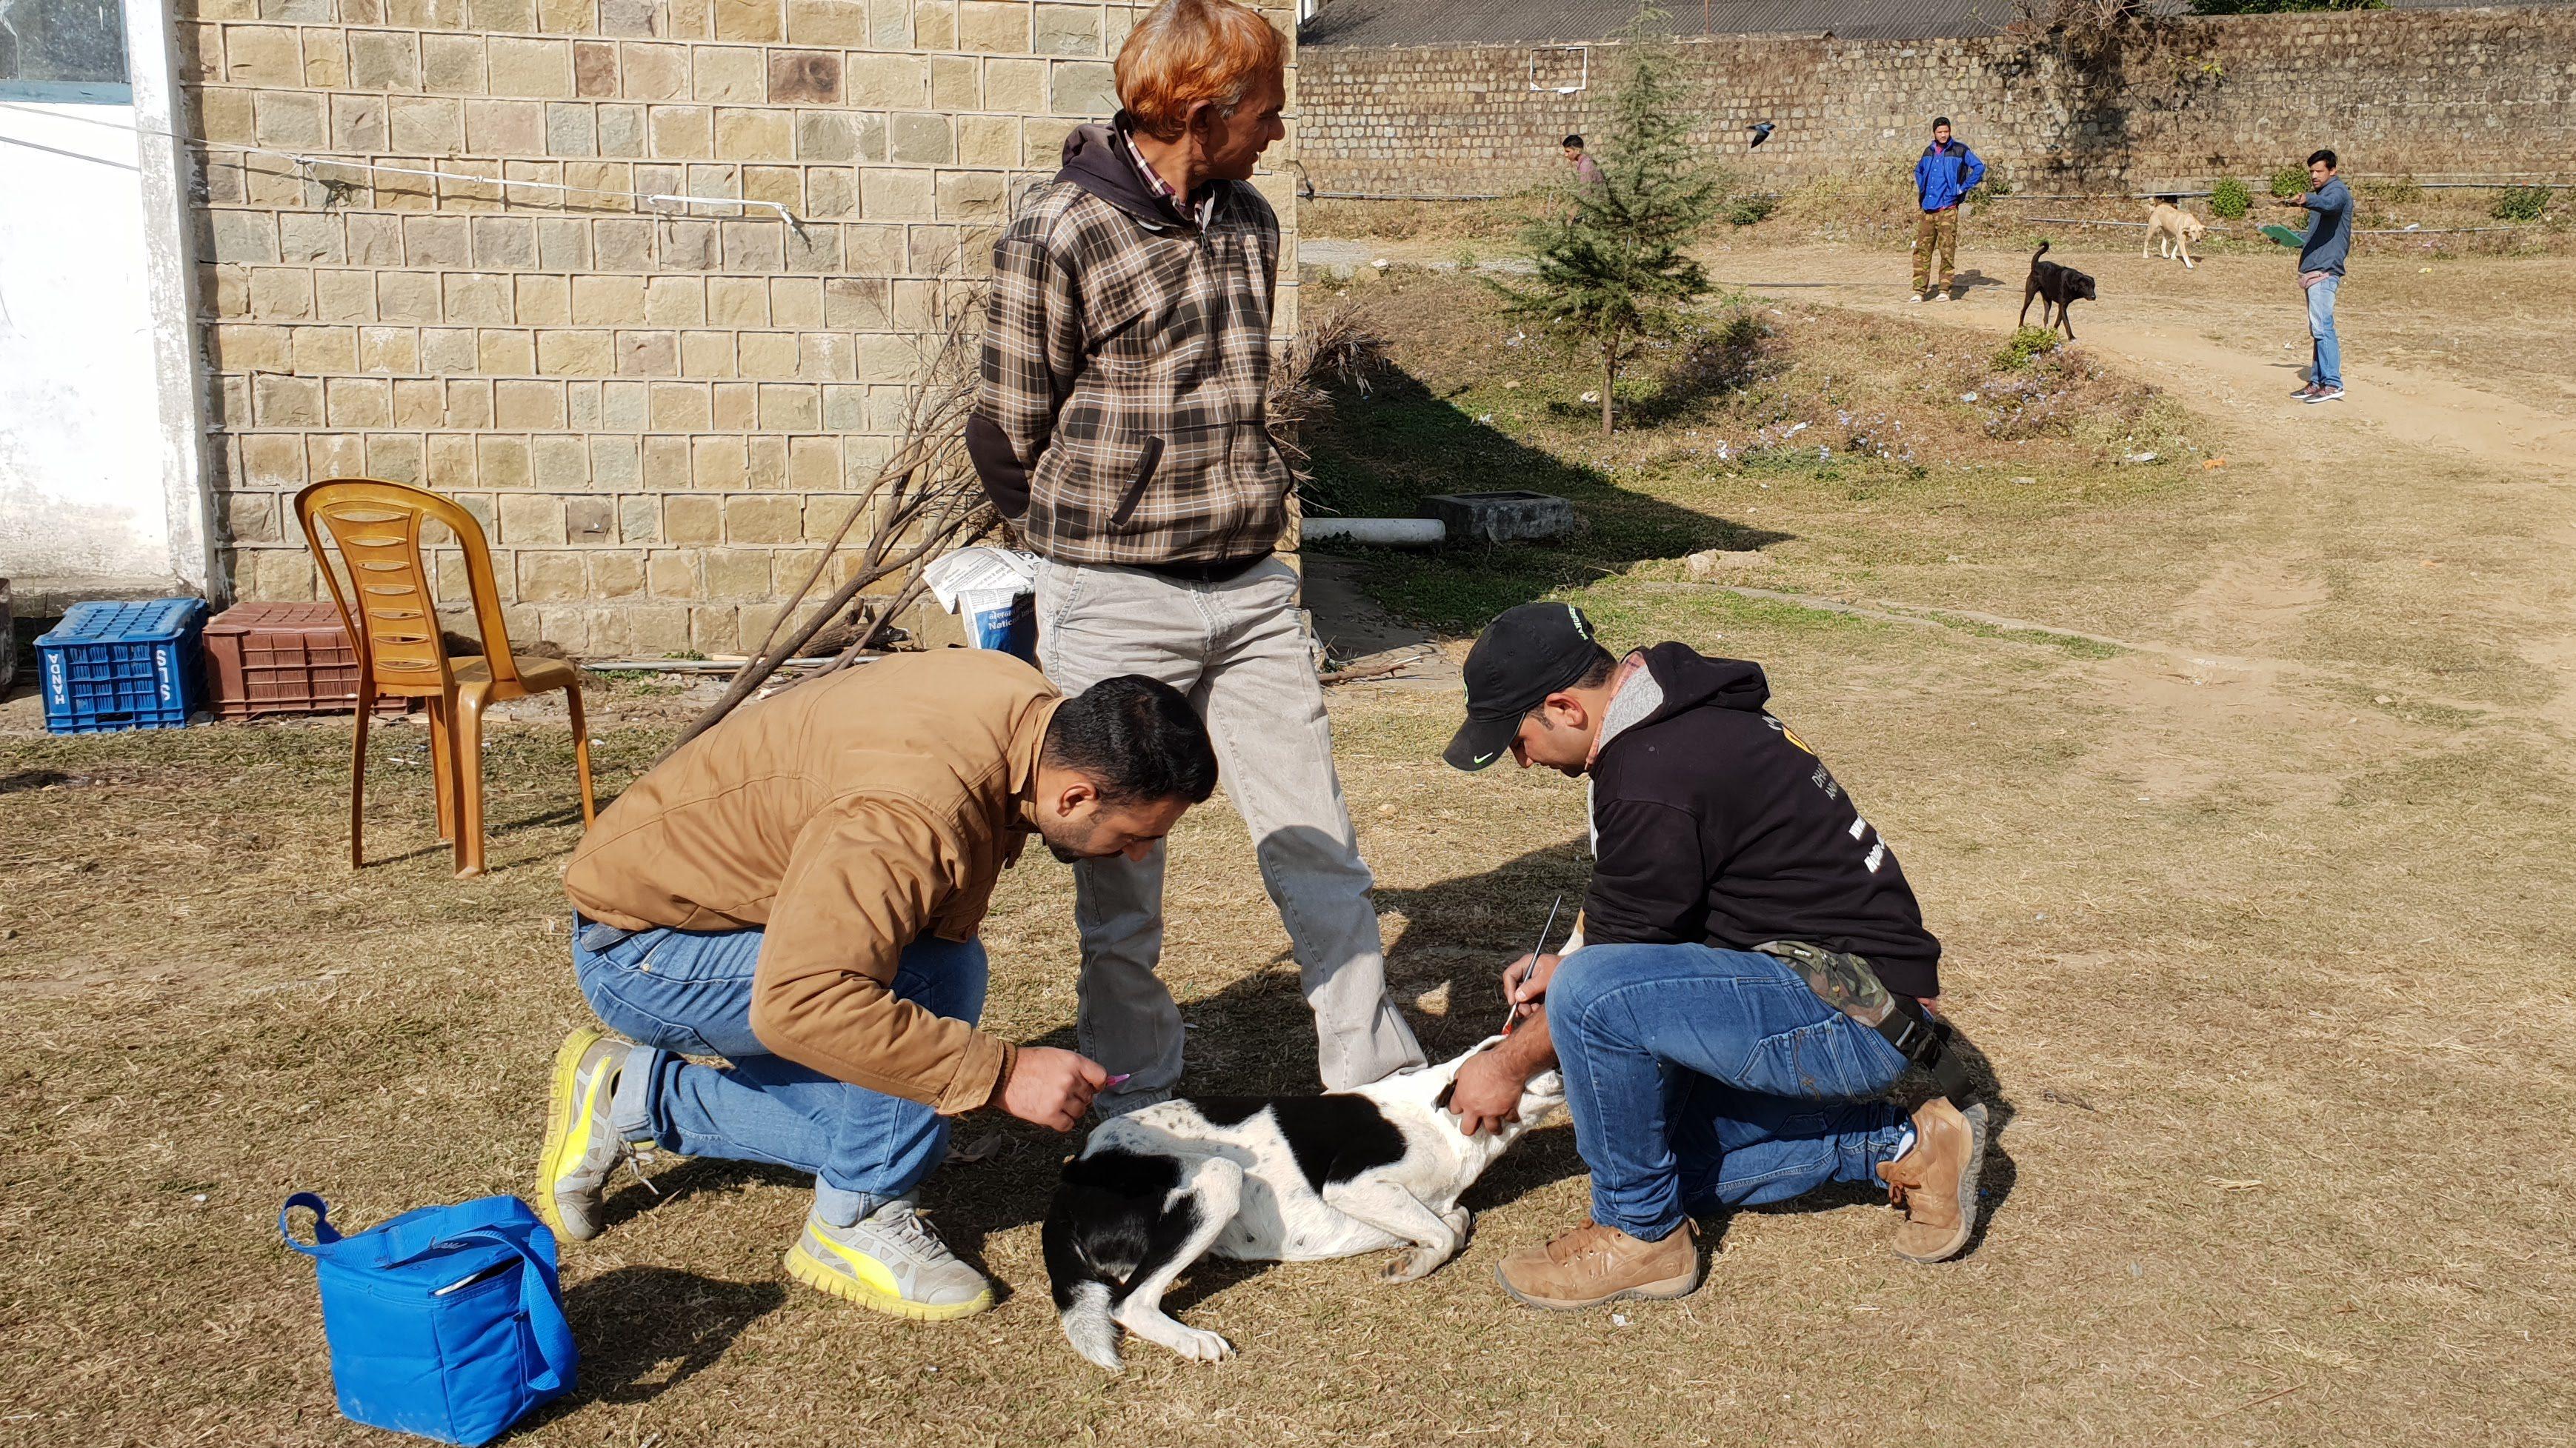 Campo de vacinação contra a raiva 2018 (c) Resgate de animais em Dharamsala (3)